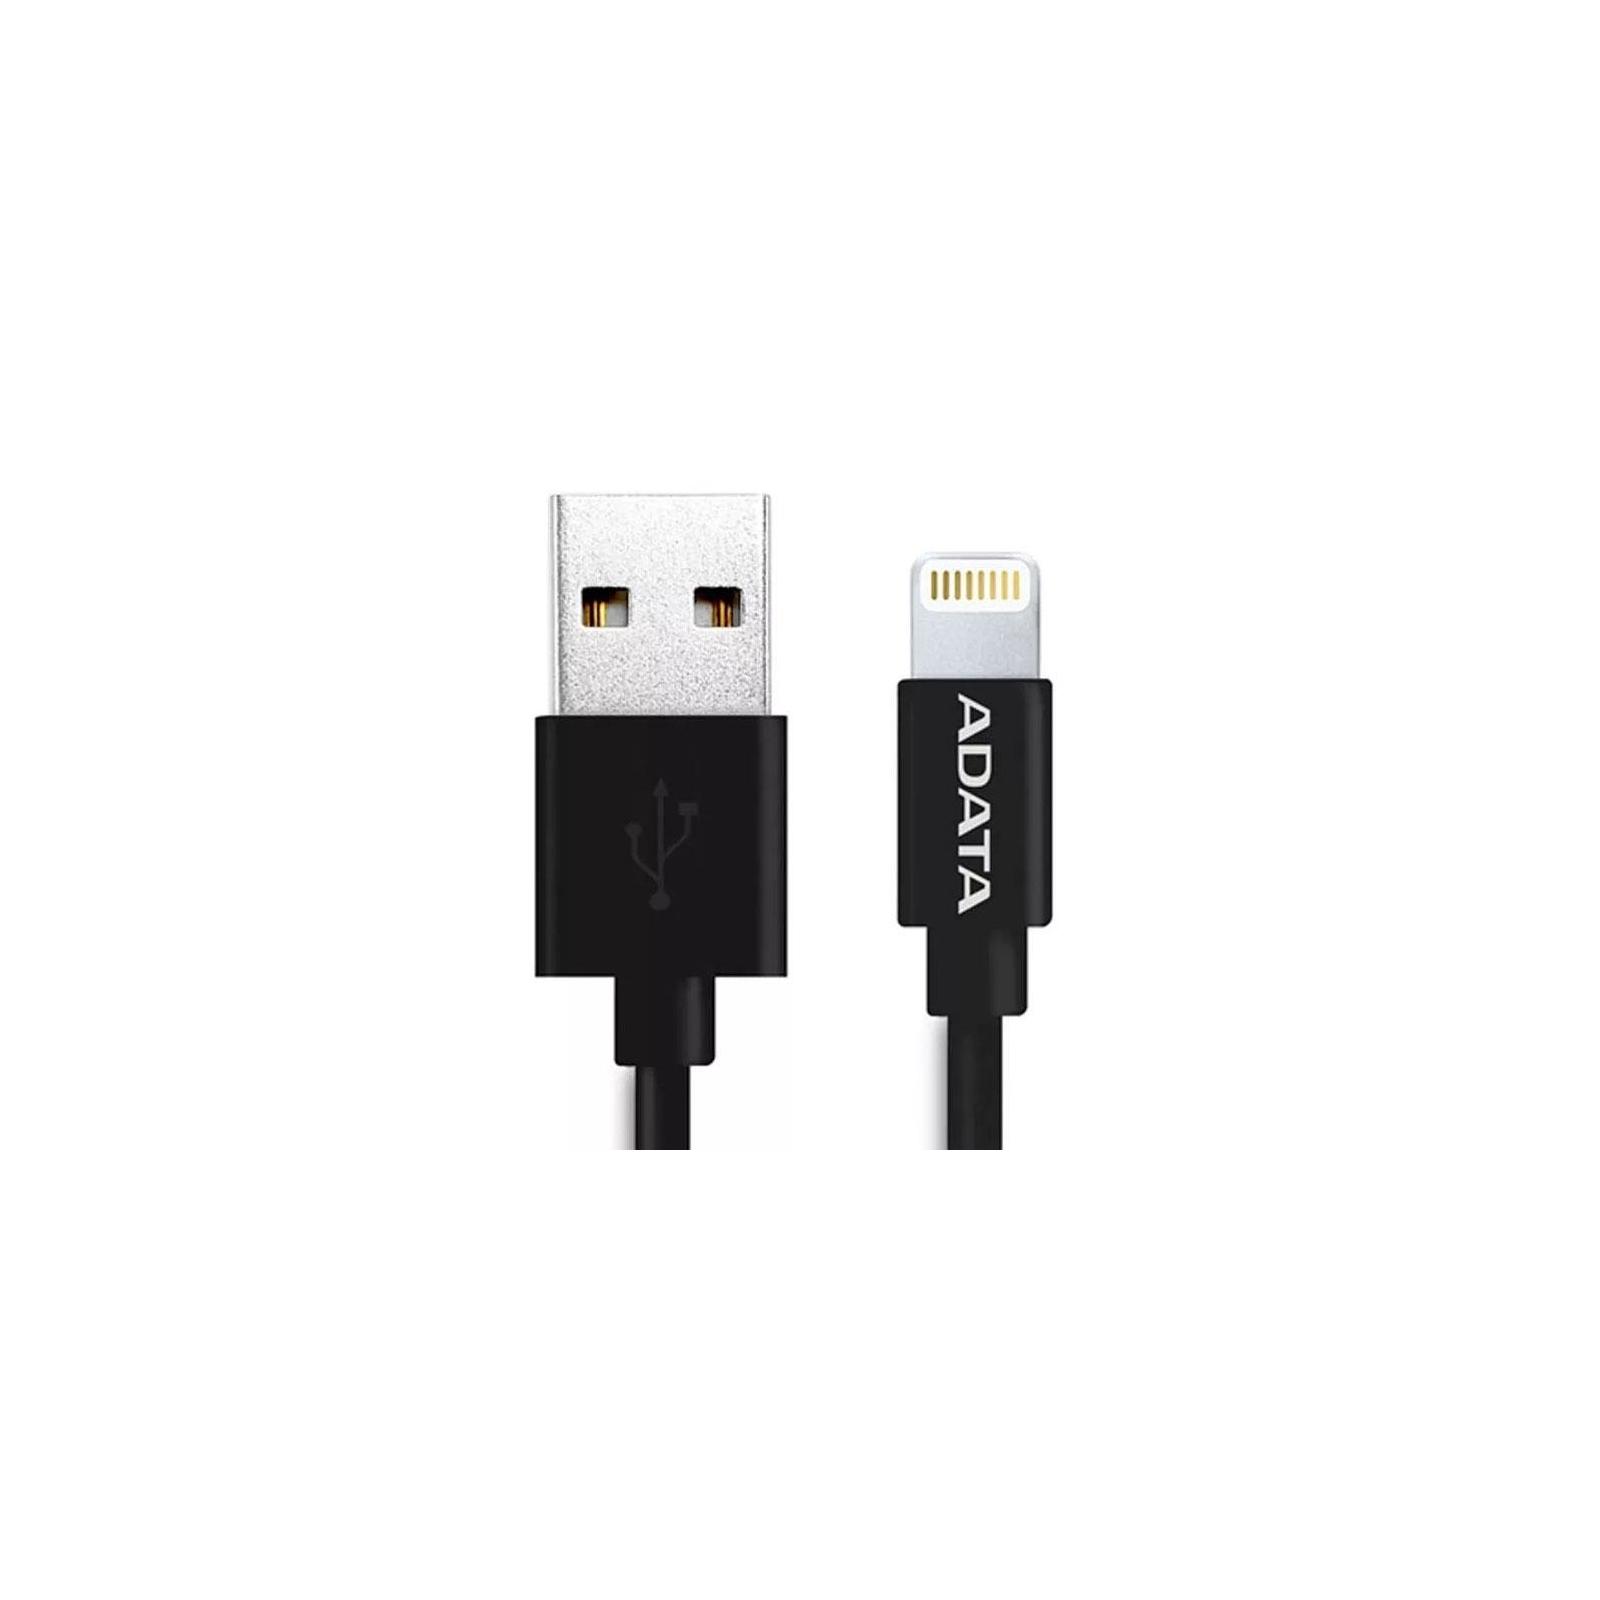 Дата кабель USB 2.0 AM to Lightning 1.0m MFI Black ADATA (AMFIPL-100CM-CBK) изображение 2